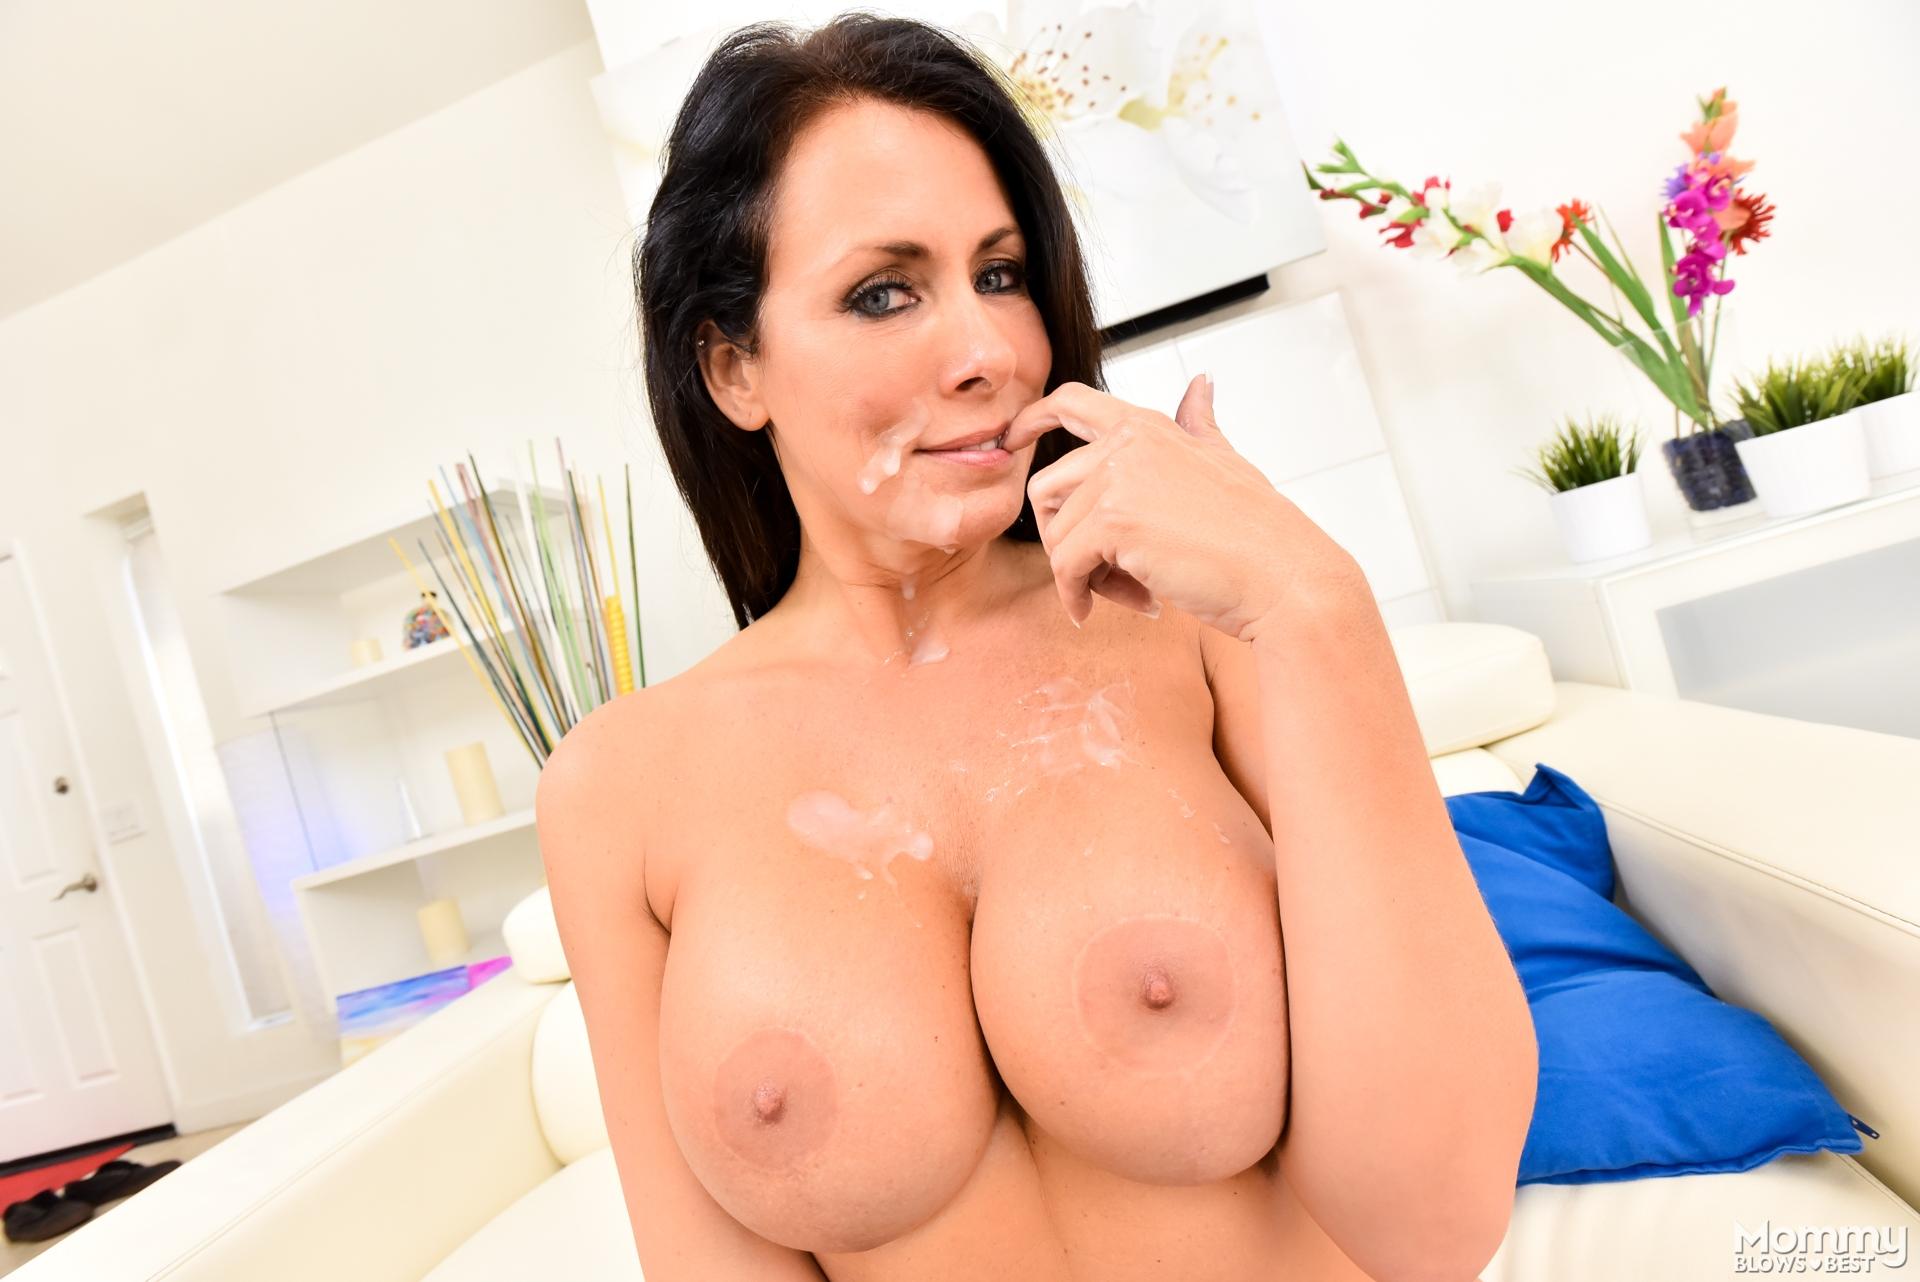 stepmom blowjob porn